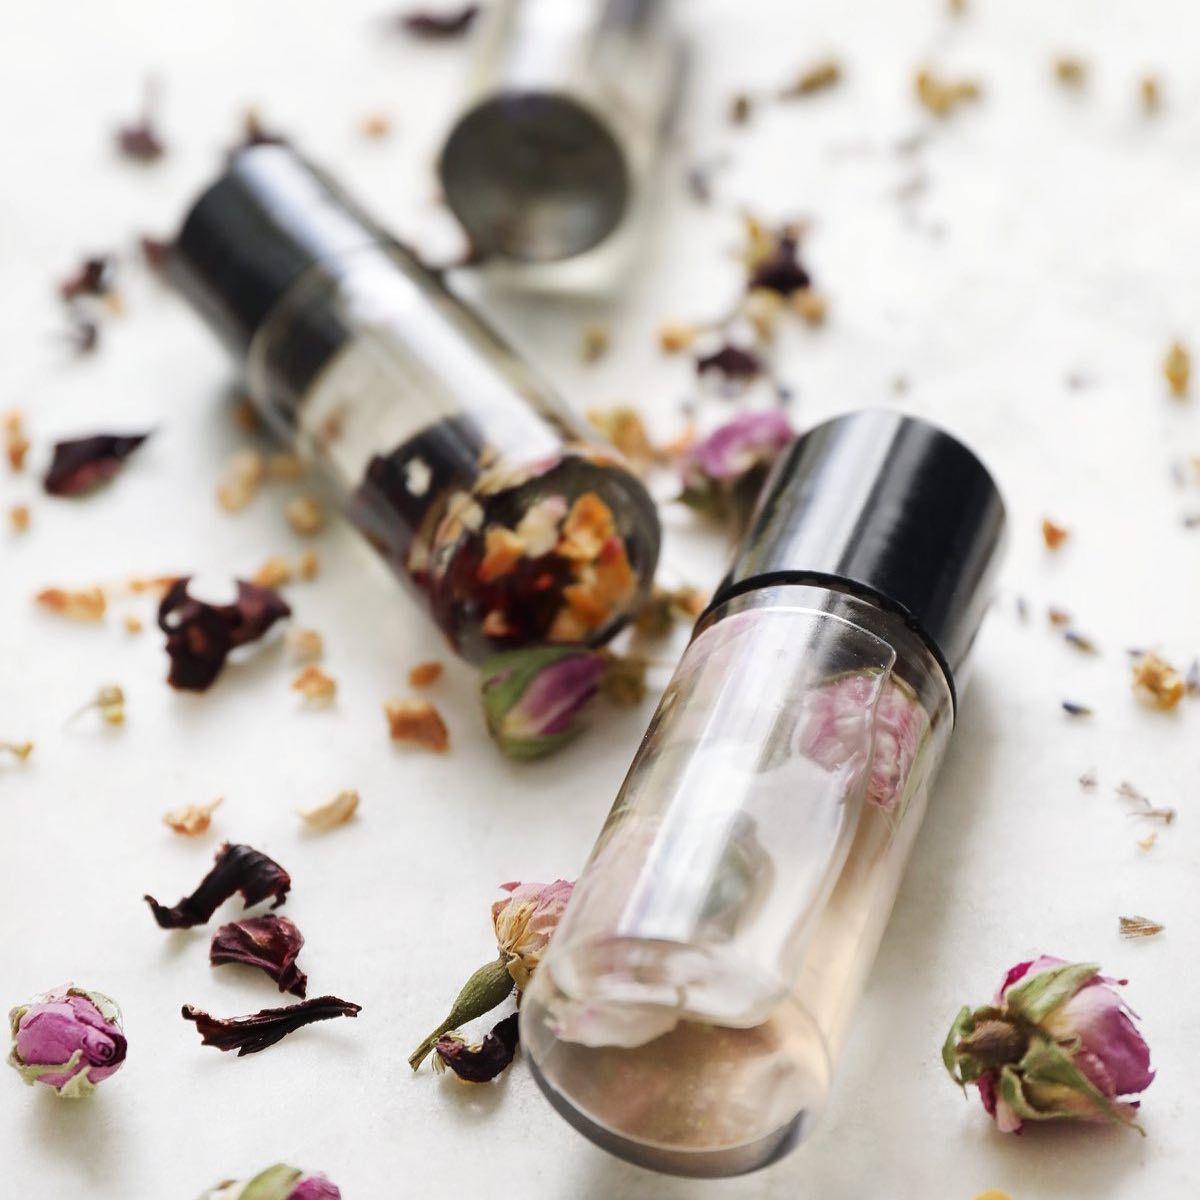 خلطات عطرية مناسبه لذوقكك وبامكانك استخدامها فى شنطتك زيت الخزامي والعرعر والنعناع احد اهم زيوت العطرية ال Book Perfume Fragrances Perfume Women Perfume